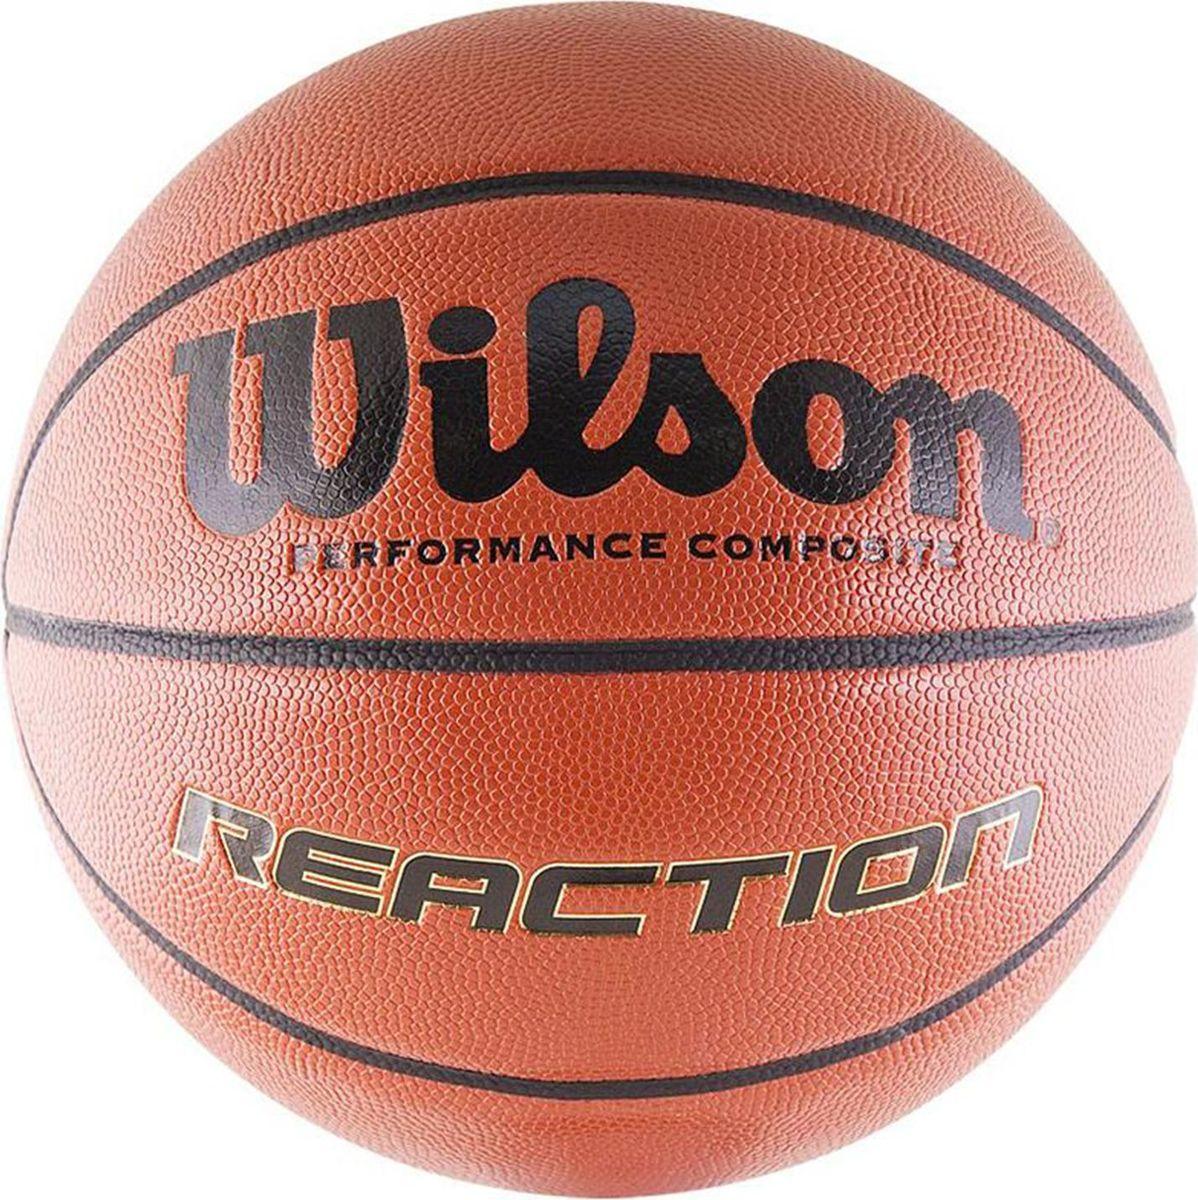 Мяч баскетбольный Wilson  Reaction , цвет: кирпичный. Размер 5 - Баскетбол